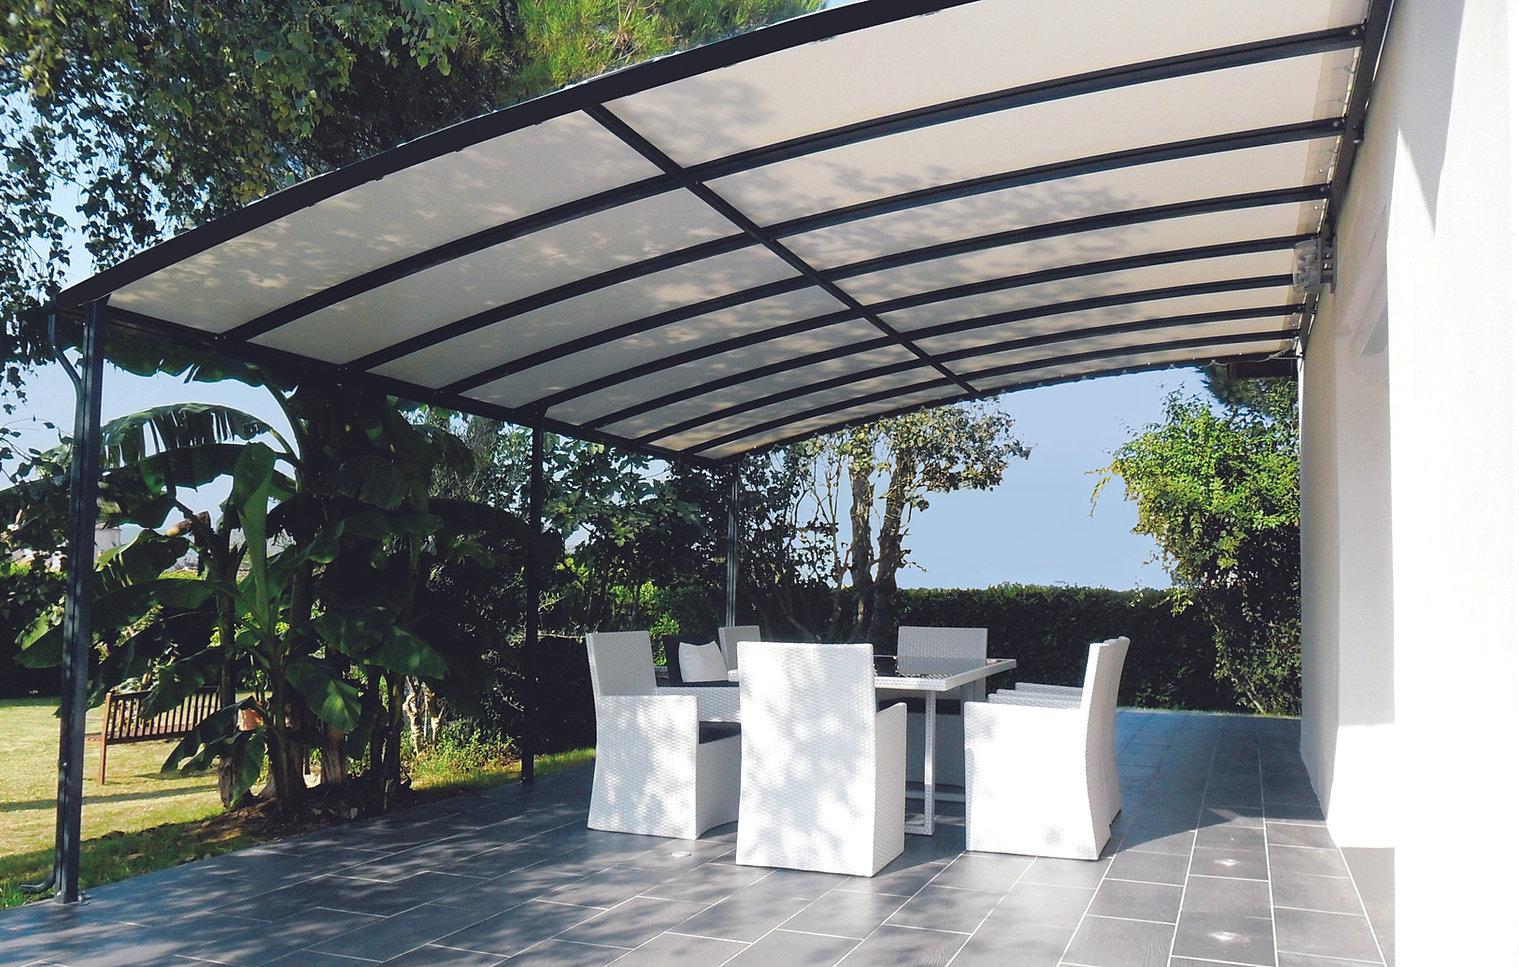 Charmant Pergola Aluminium Pour Terrasse #9: Pergola Pour Terrasse